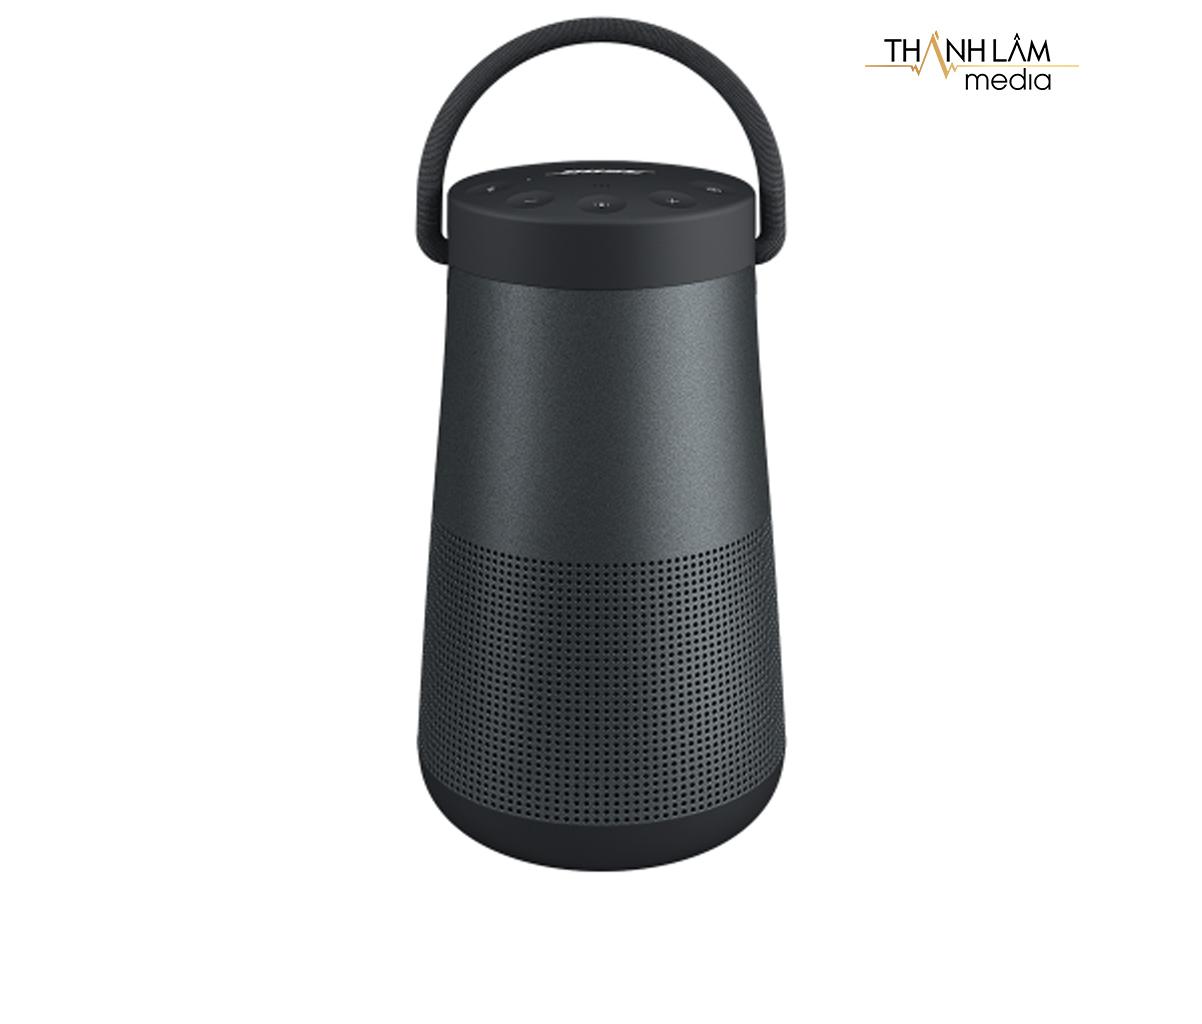 Loa-Bose-SoundLink-Revolve-Plus-Den-1